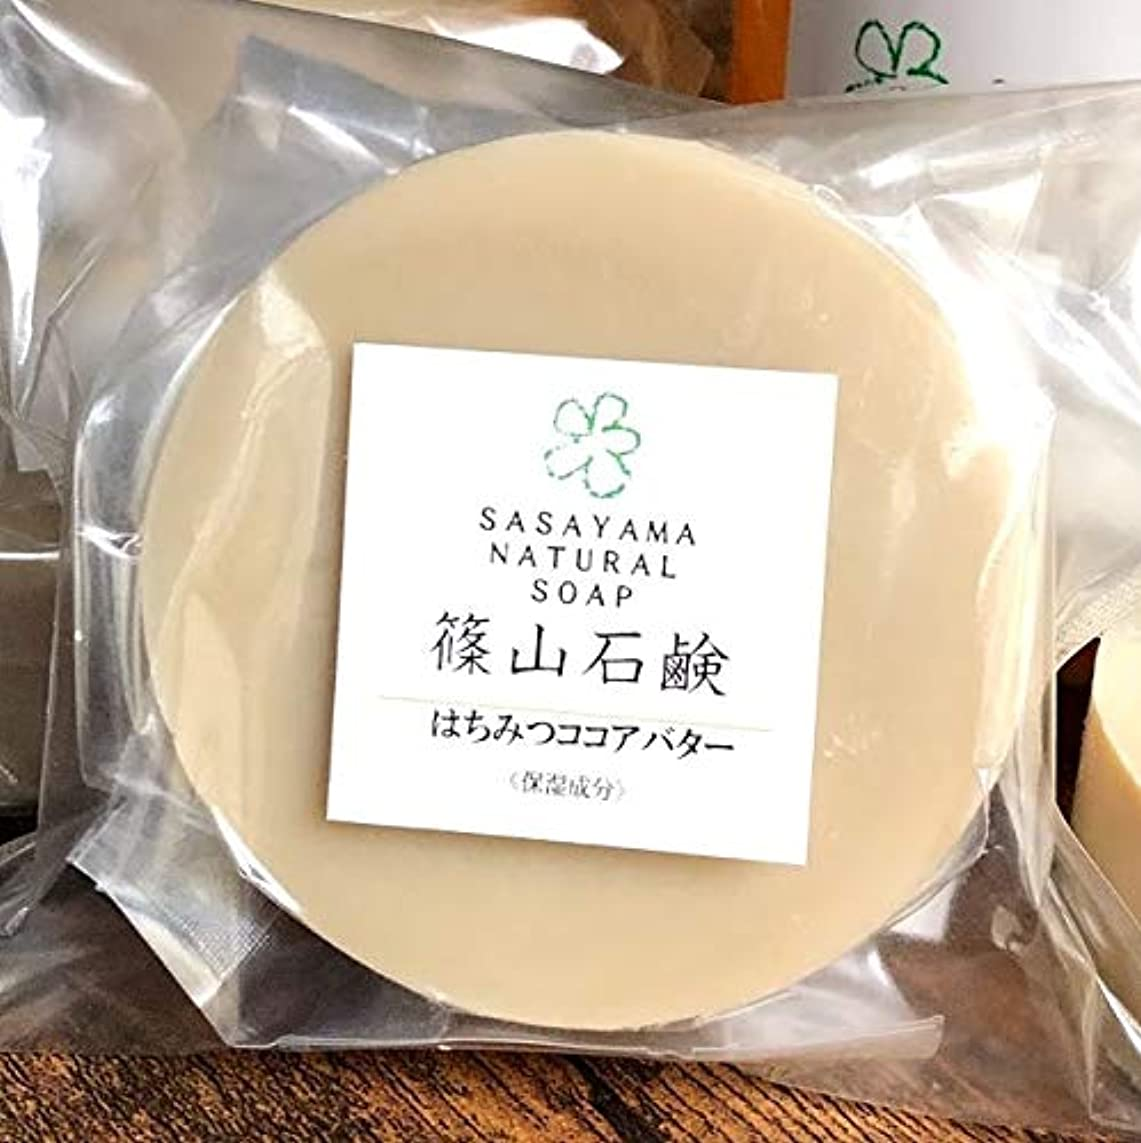 惨めな強制的引退した篠山石鹸 はちみつココアバター 85g ミツバチ農家が作るった「ハチミツ洗顔せっけん」) コールドプロセス製法